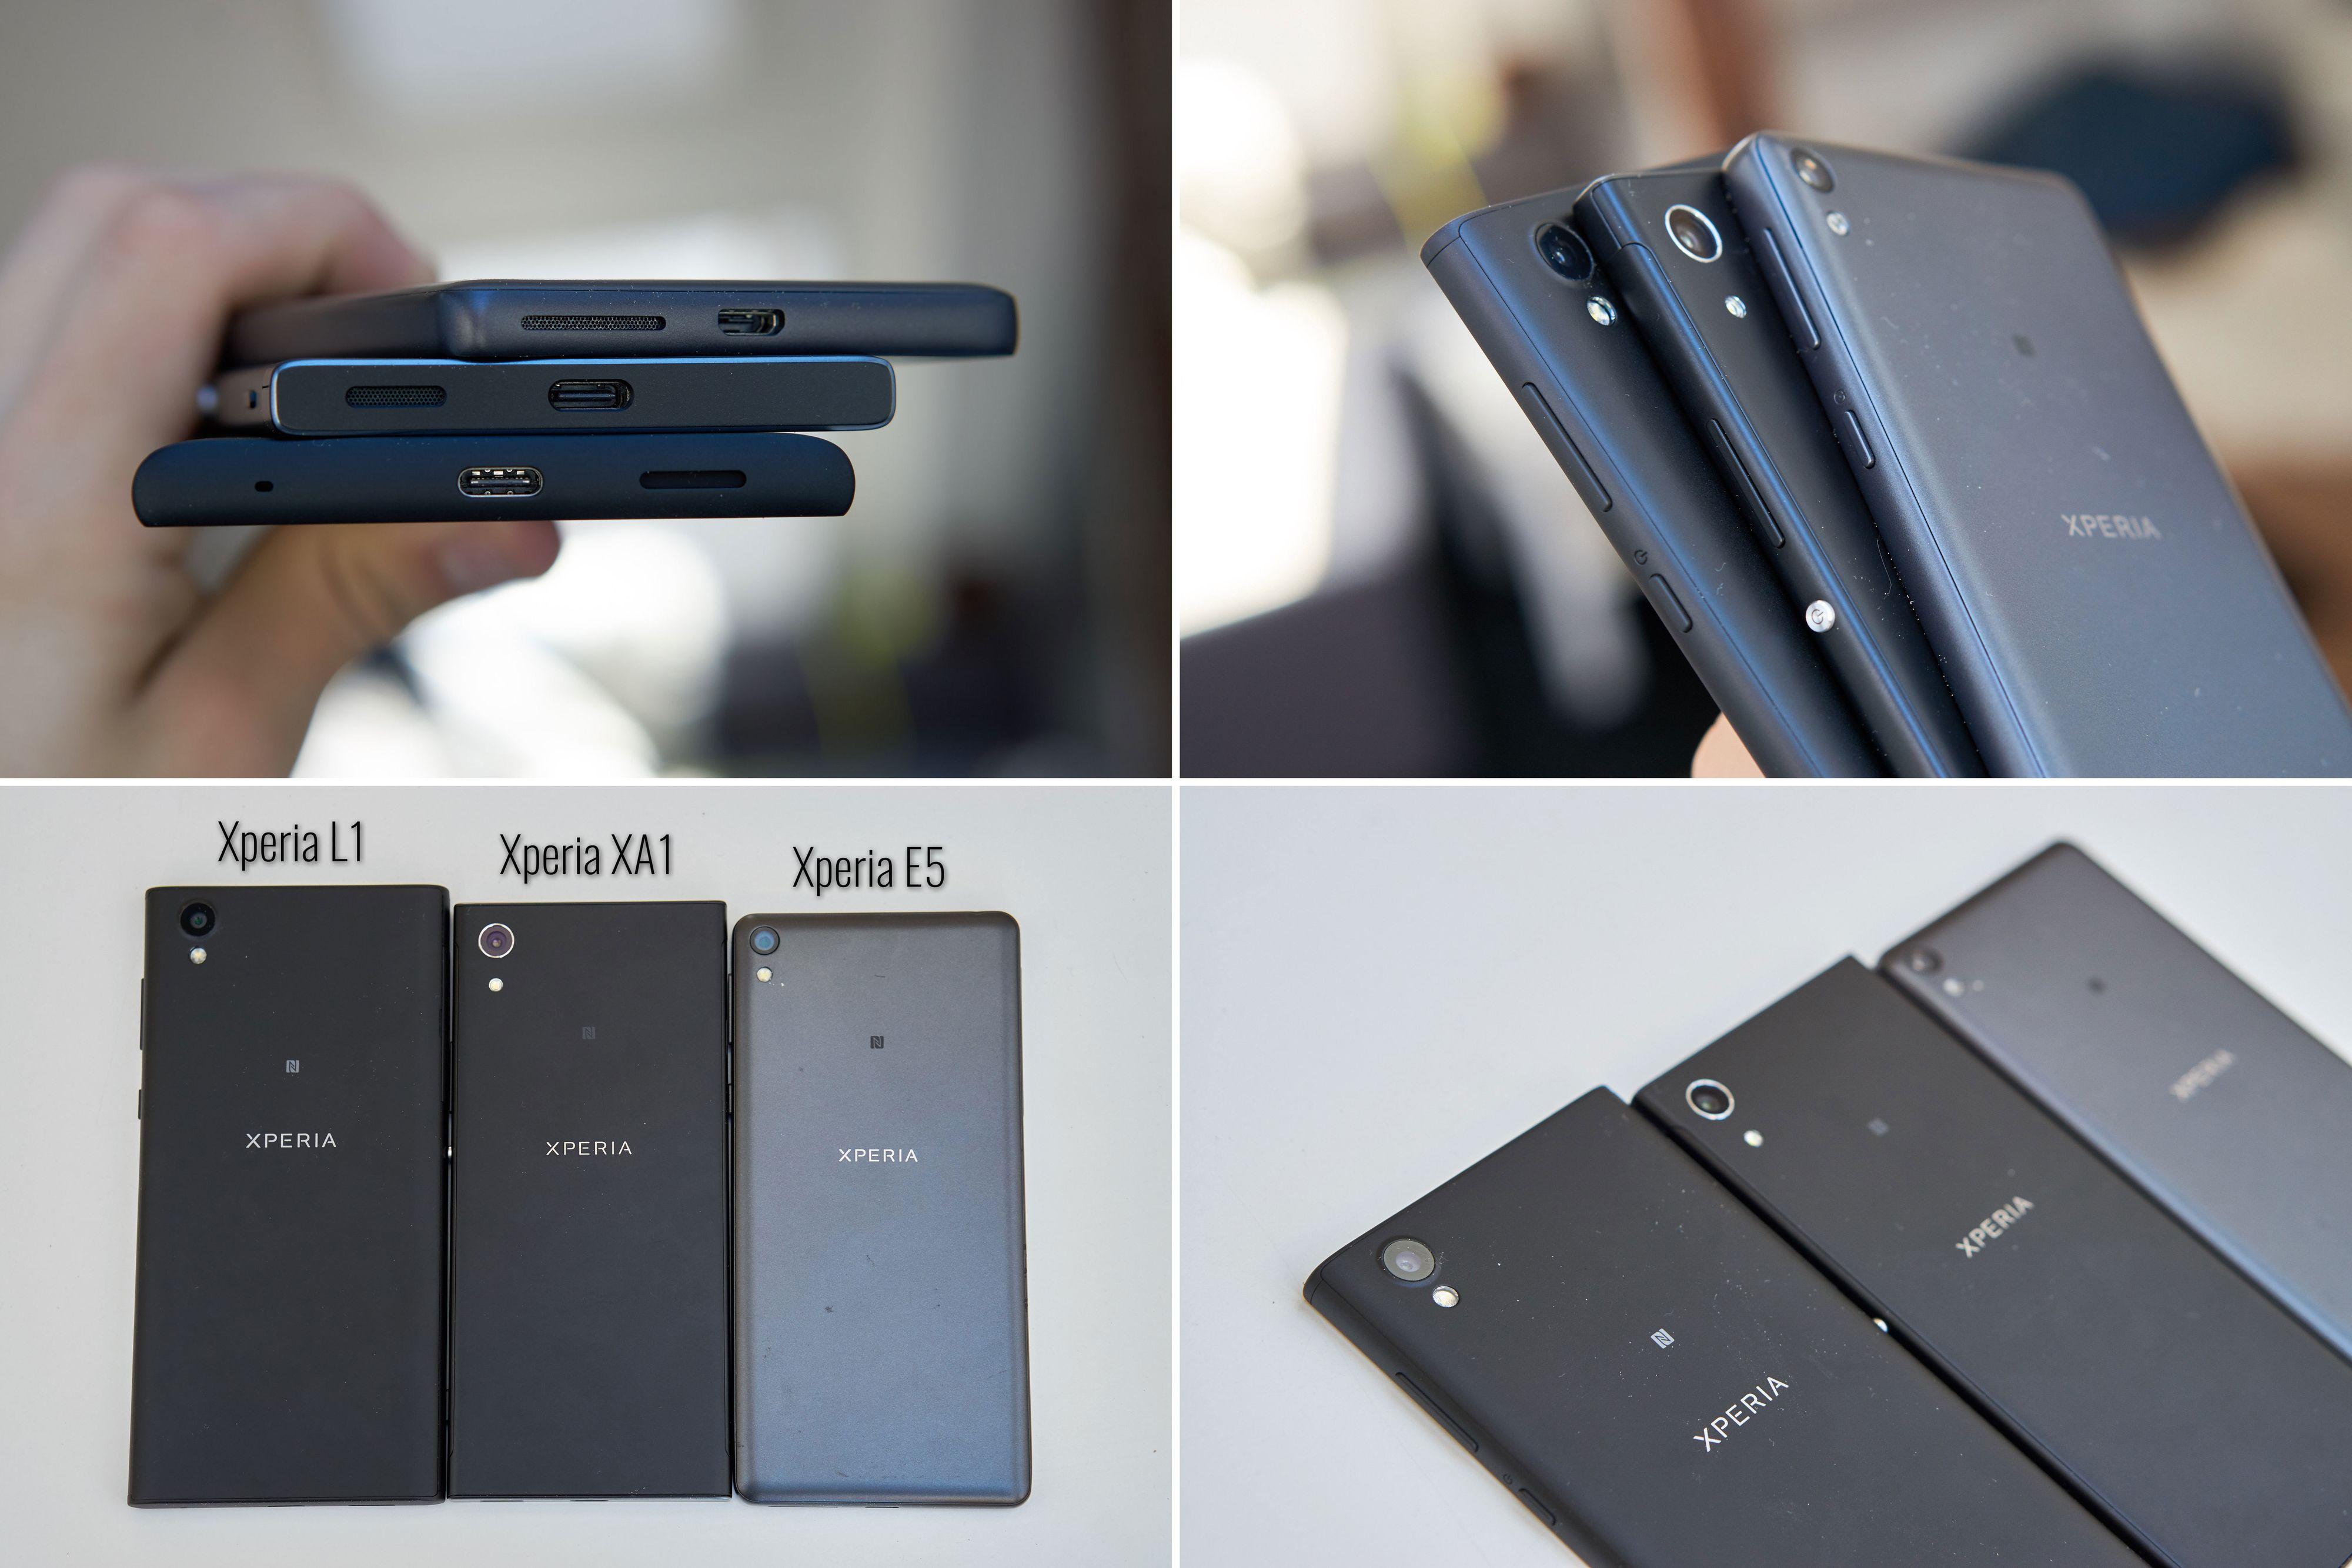 Designet på Sonys billigmodeller er ganske likt – spesielt deler Xperia XA1 og Xperia L1 mye. Klikk for større bilde.